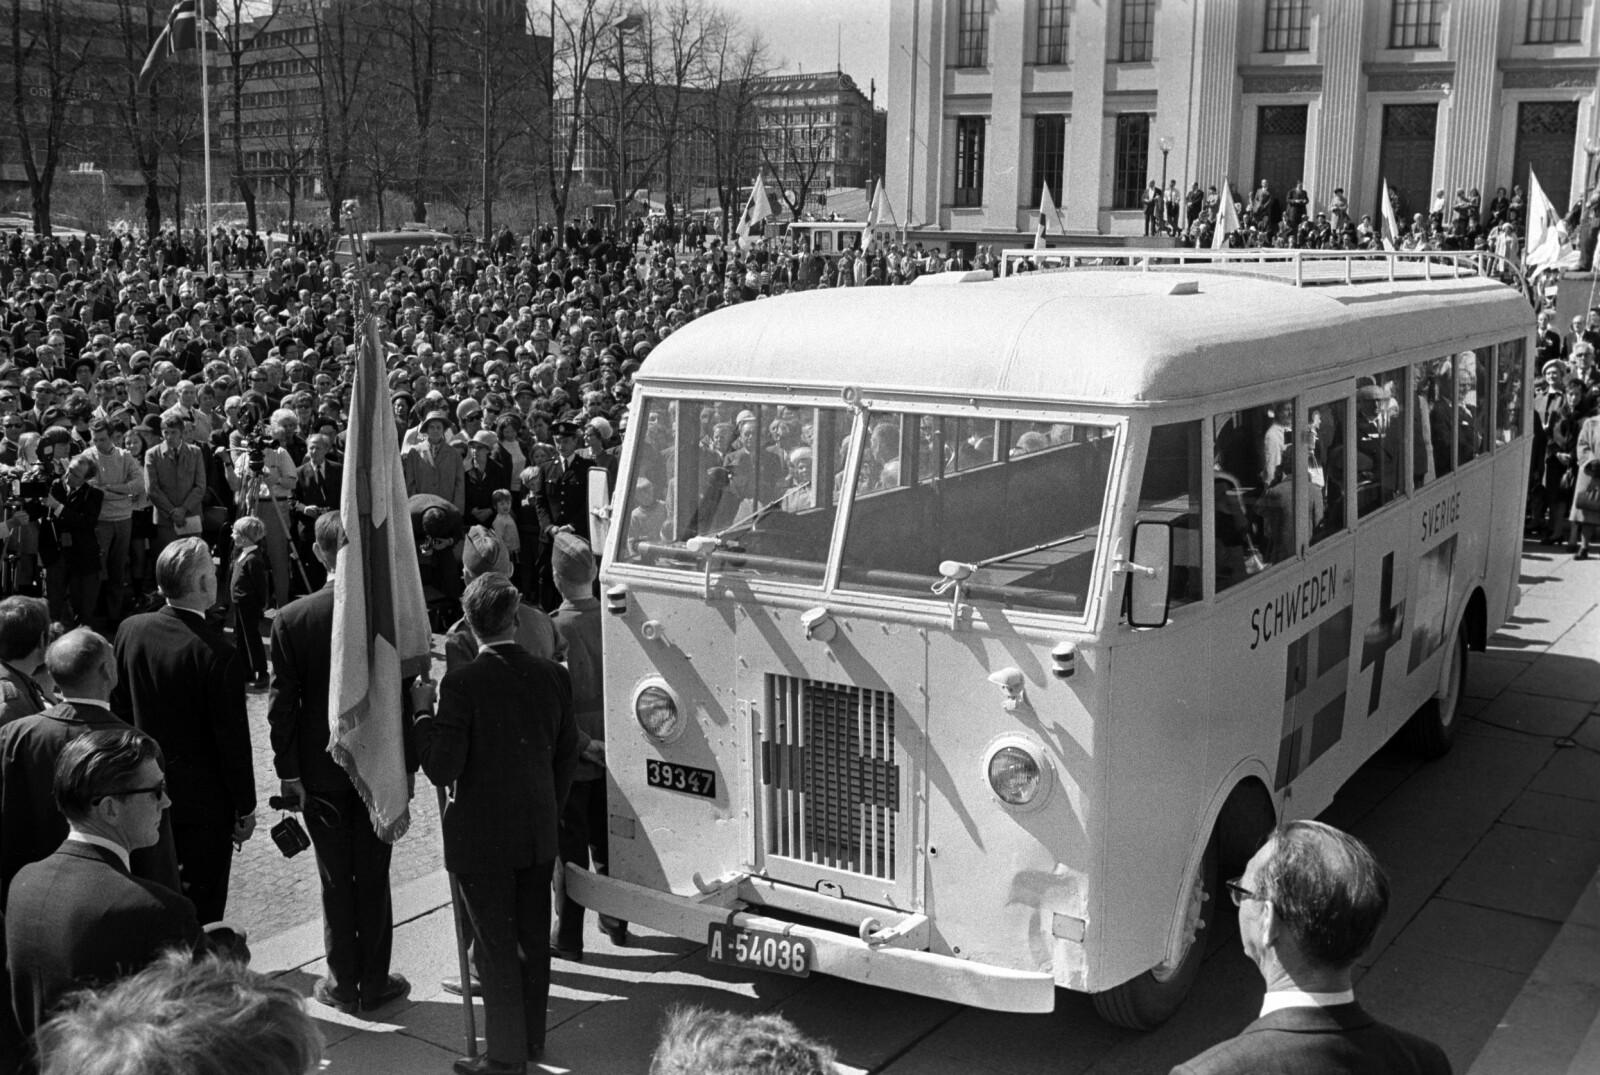 MARKERING: 25-årsjubileet for frigjøringen i 1970, ble markert på Universitetsplassen i Oslo. Bussene, som ble brukt til frakte krigsfanger ut fra fangeleirene i Europa, ble gitt til Norge av Bernadotteforbundet. Det var en slik buss Torstein kom hjem i. FOTO: NTB scanpix